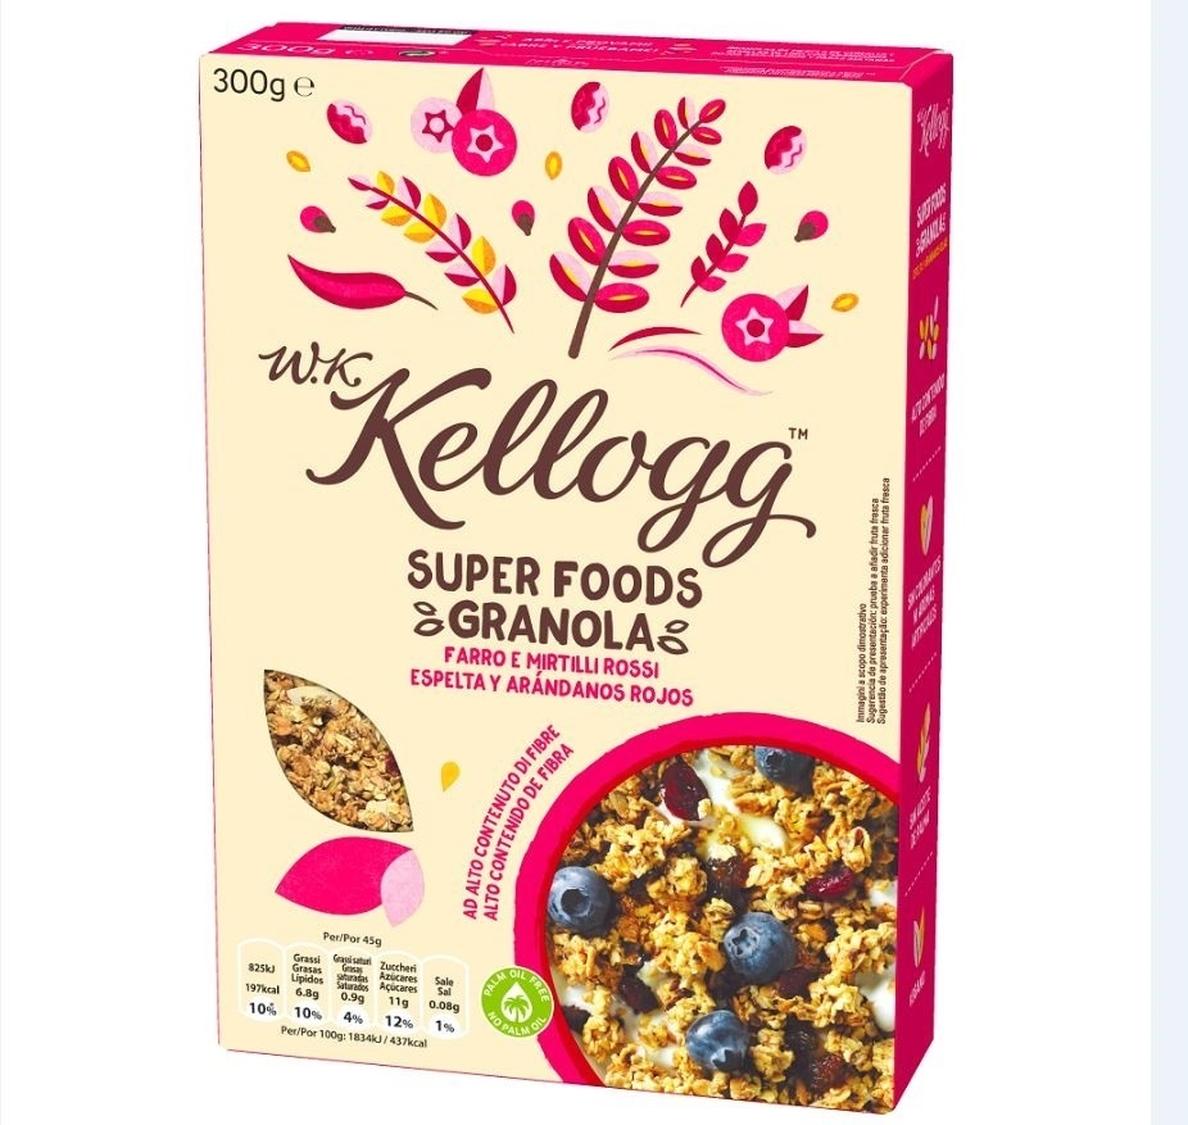 Kellogg entra en el mercado bio con W.K. Kellogg para impulsar sus ventas un 3%